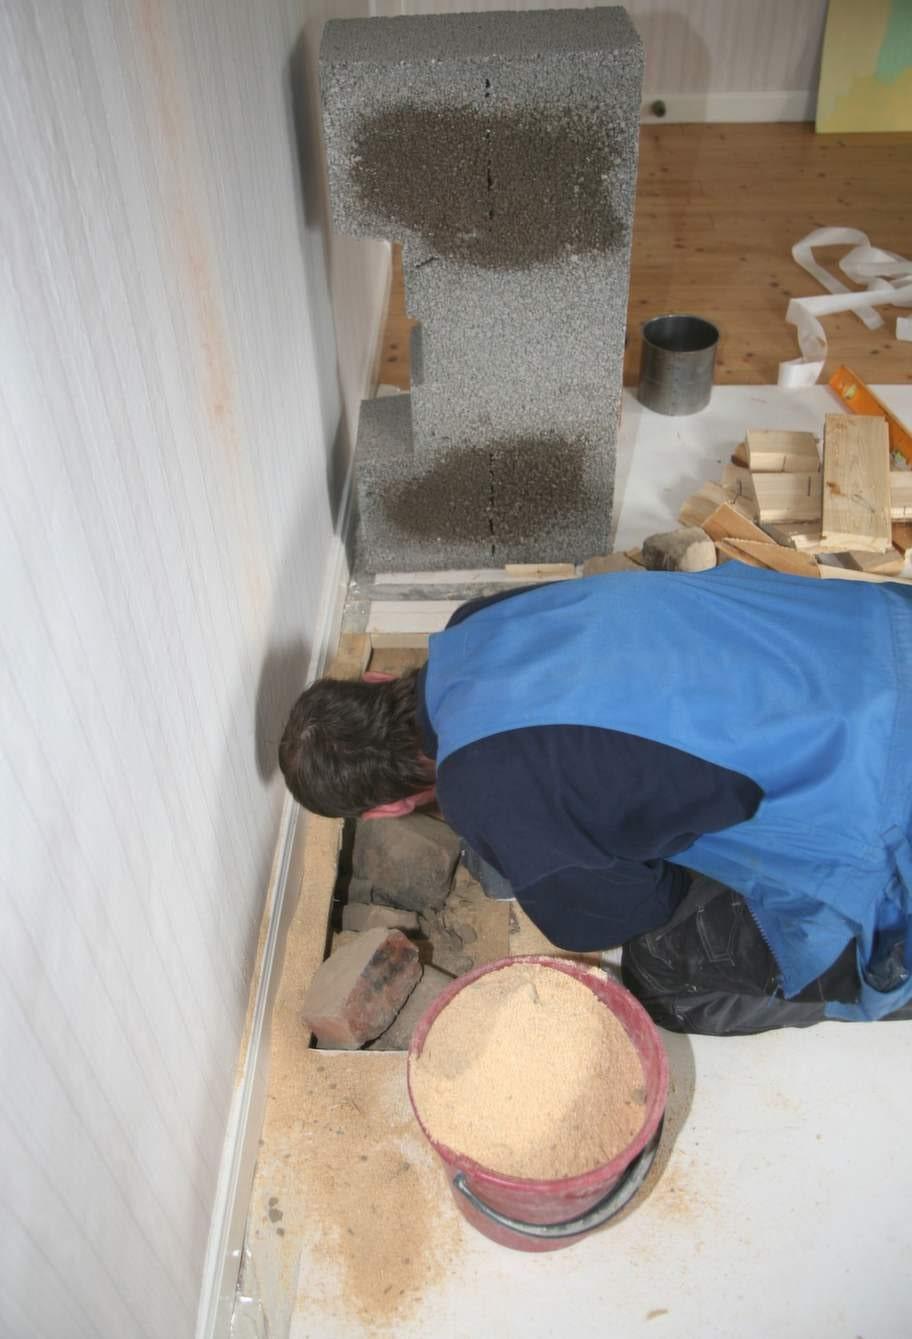 Förstärk under golvetUnder golvplanken var det tomt, väldigt tomt. Så förstärkning behövdes så att golvet skulle orka bära eldstaden.